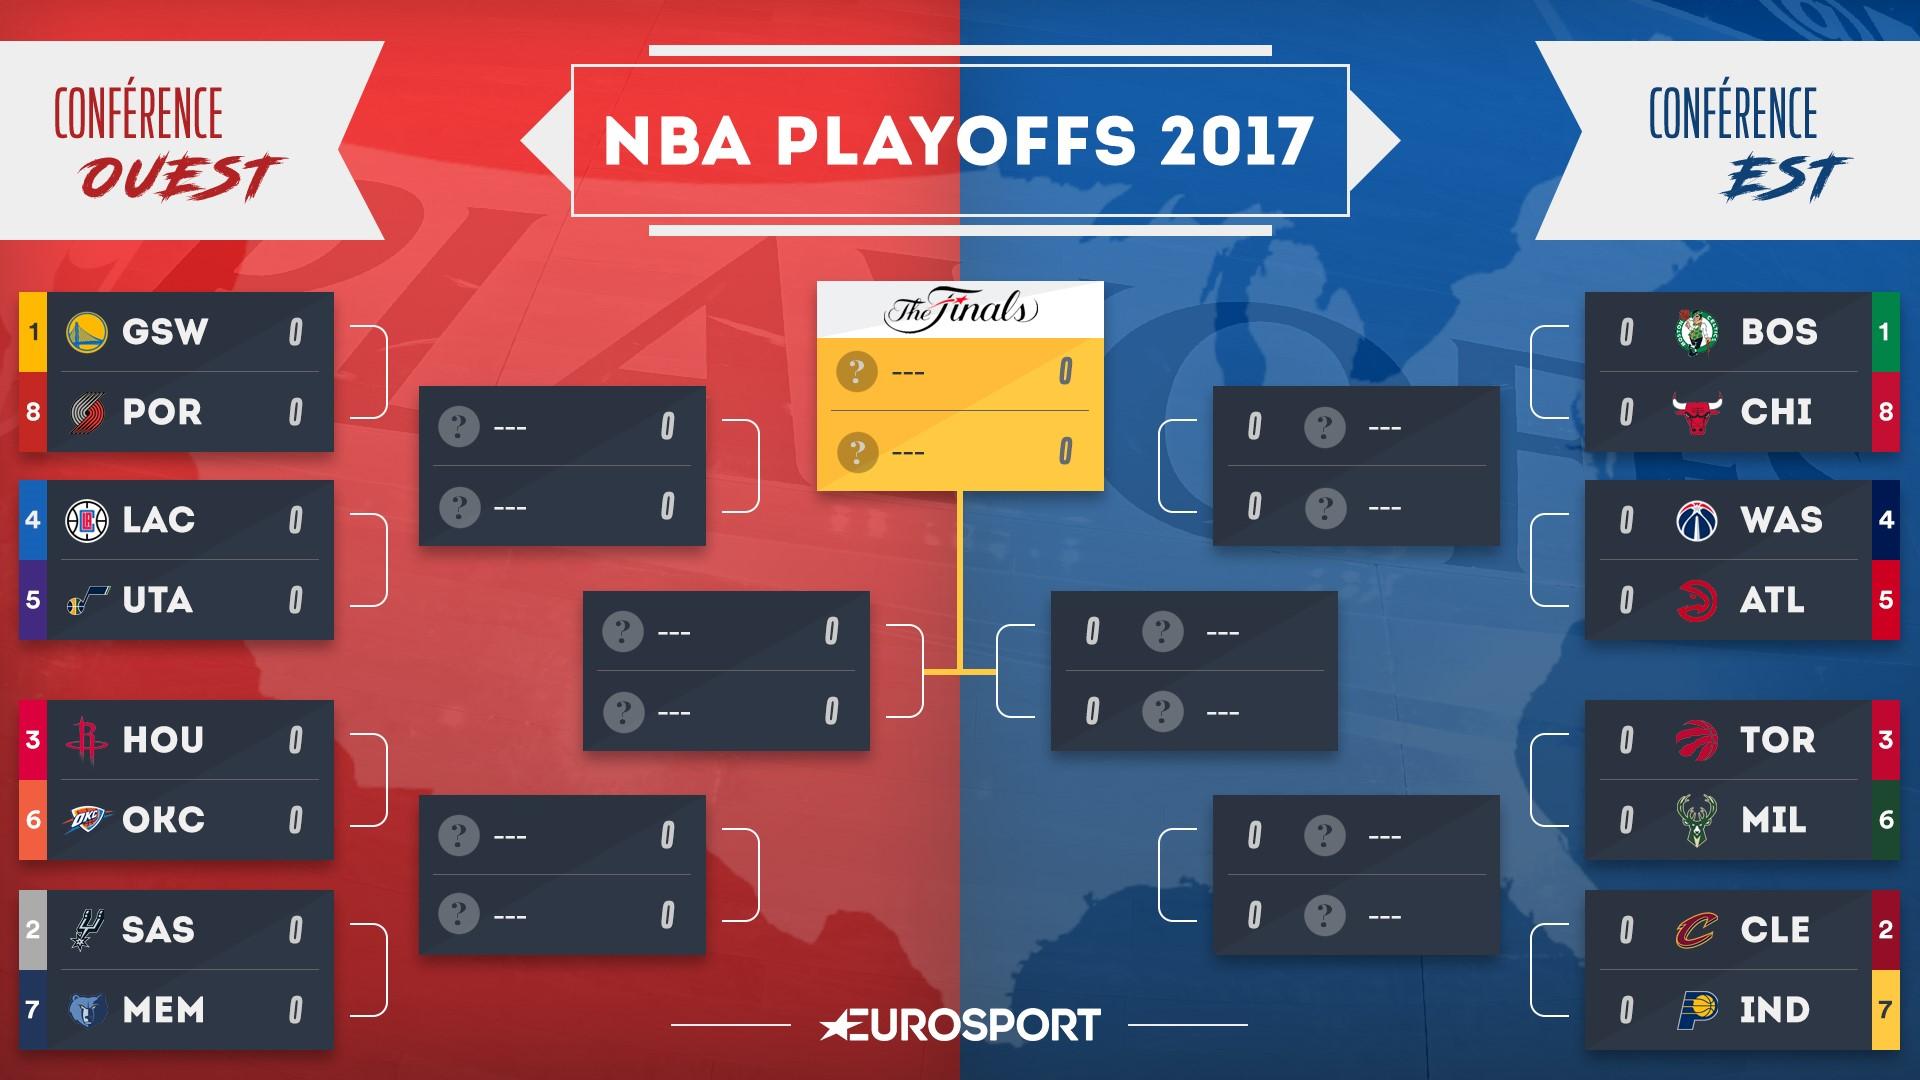 Visuel : Le tableau des playoffs NBA 2017